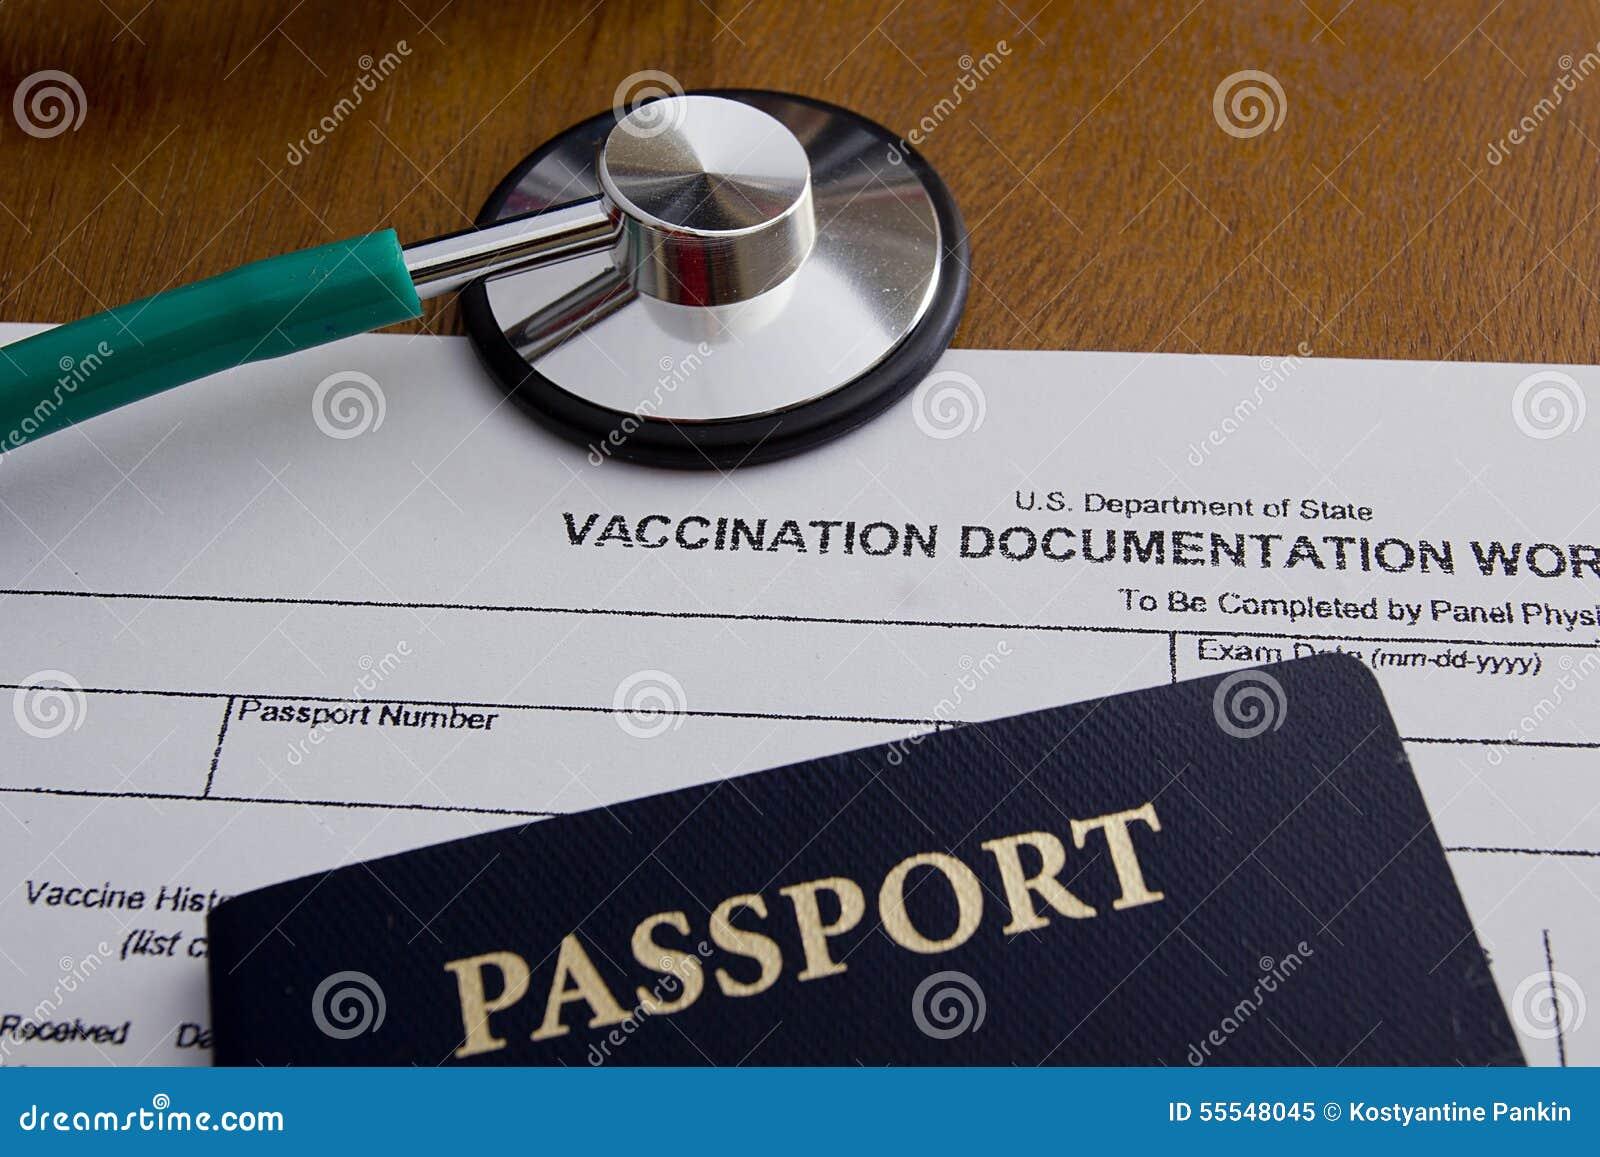 vaccination documentation worksheet stock photo image 55548045. Black Bedroom Furniture Sets. Home Design Ideas